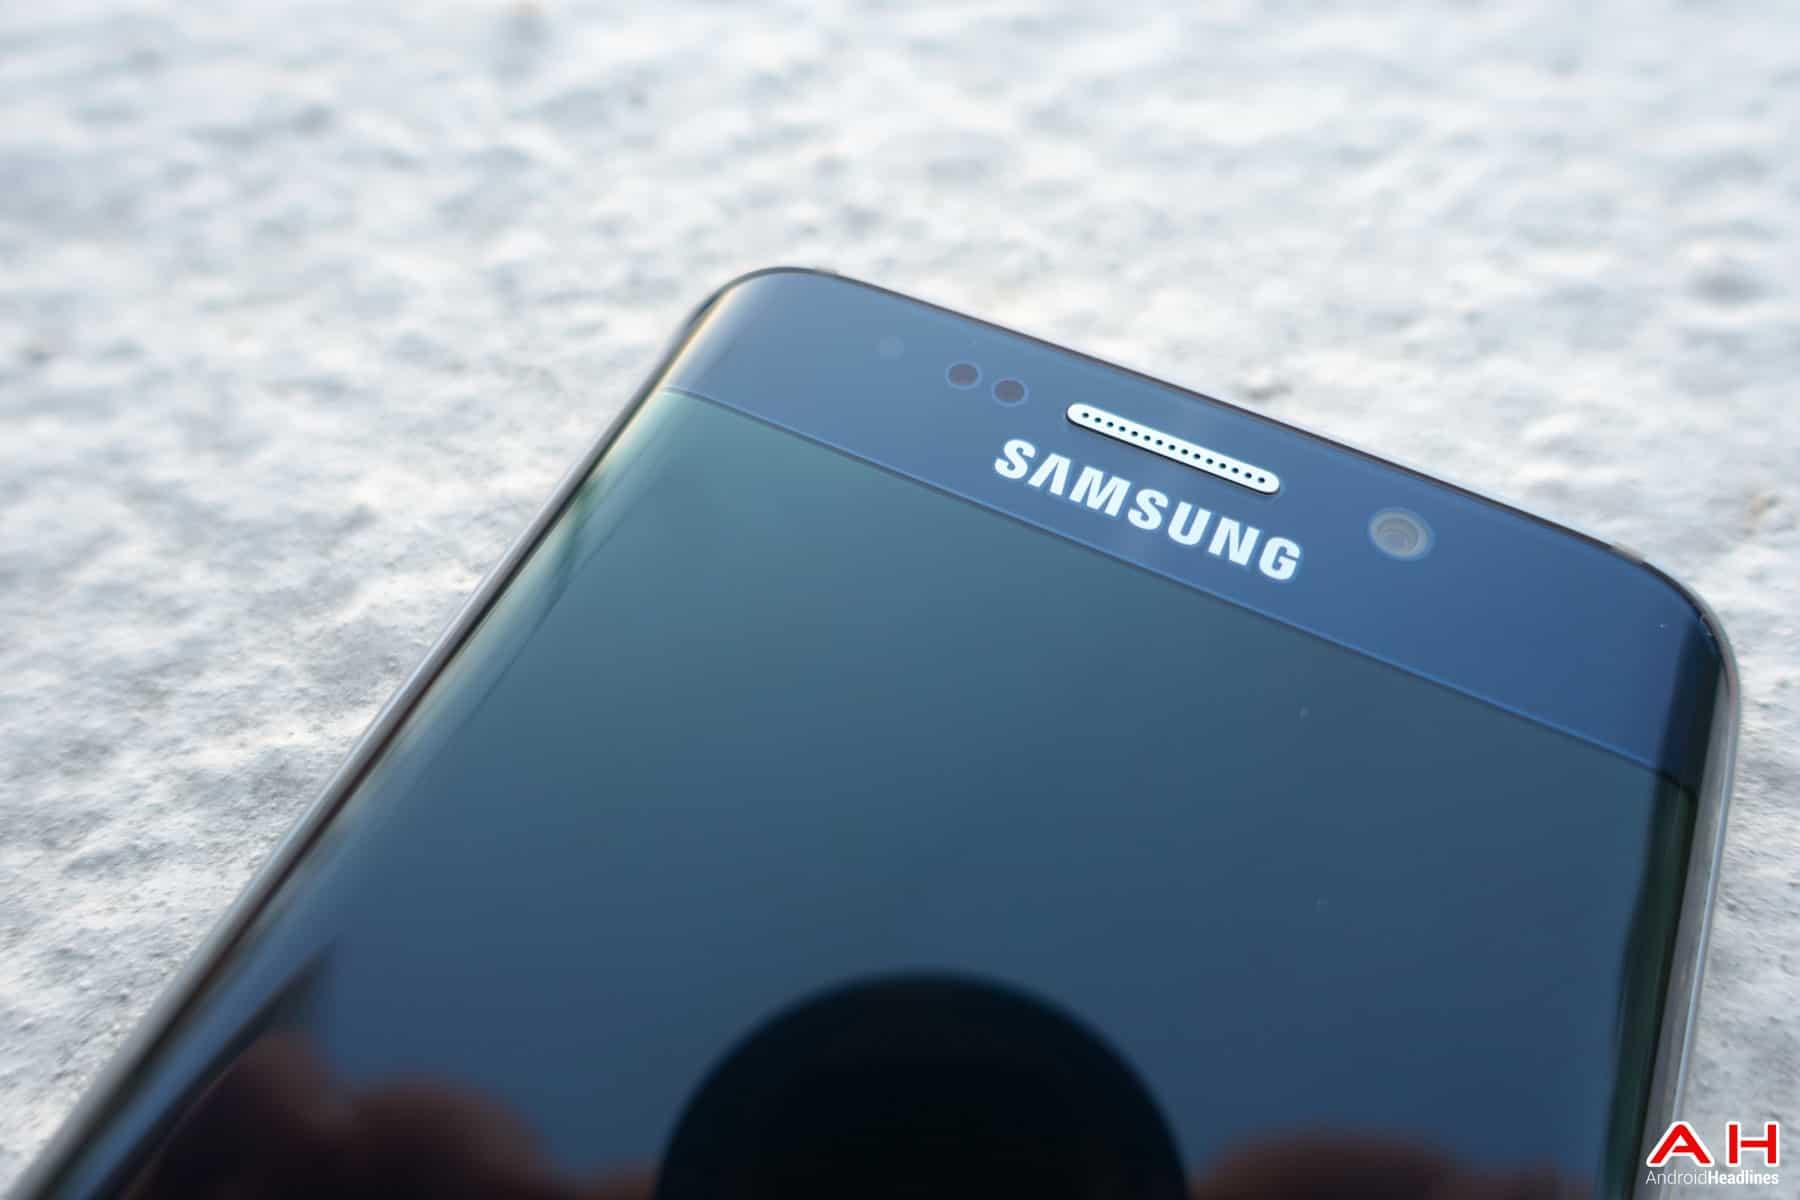 AH Samsung Galaxy S6 Edge Series 3 June 30th-21